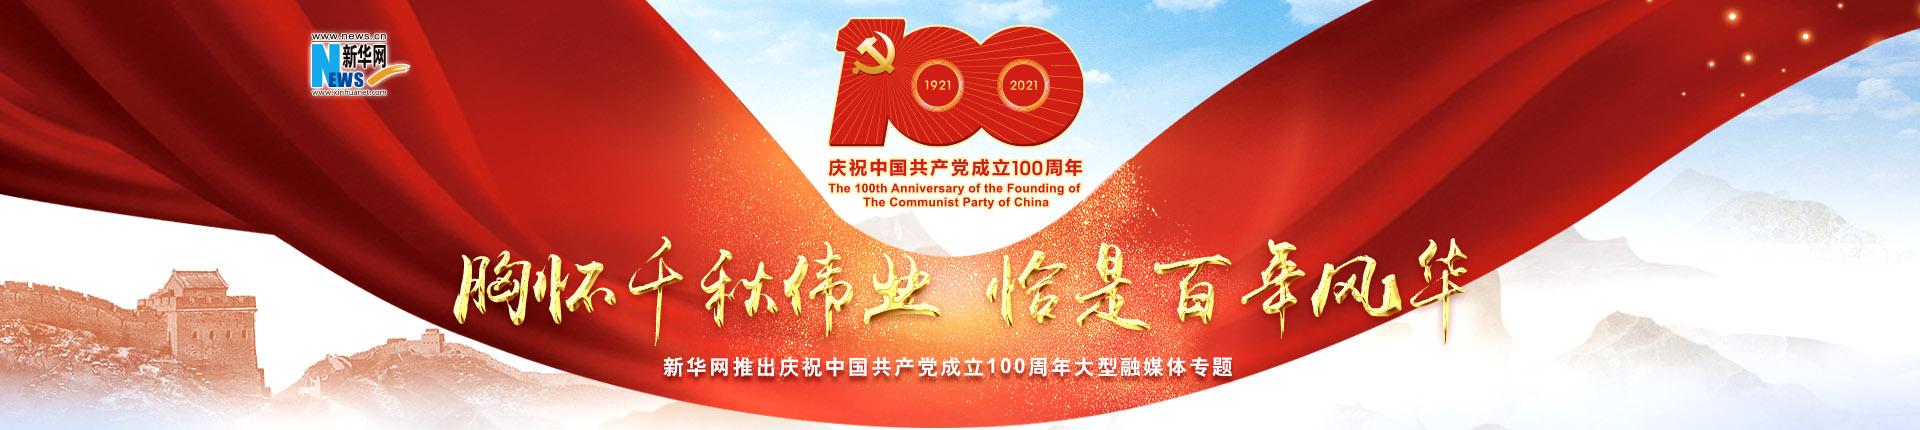 新華網推出慶祝中國共産黨成立100周年大型融媒體專題